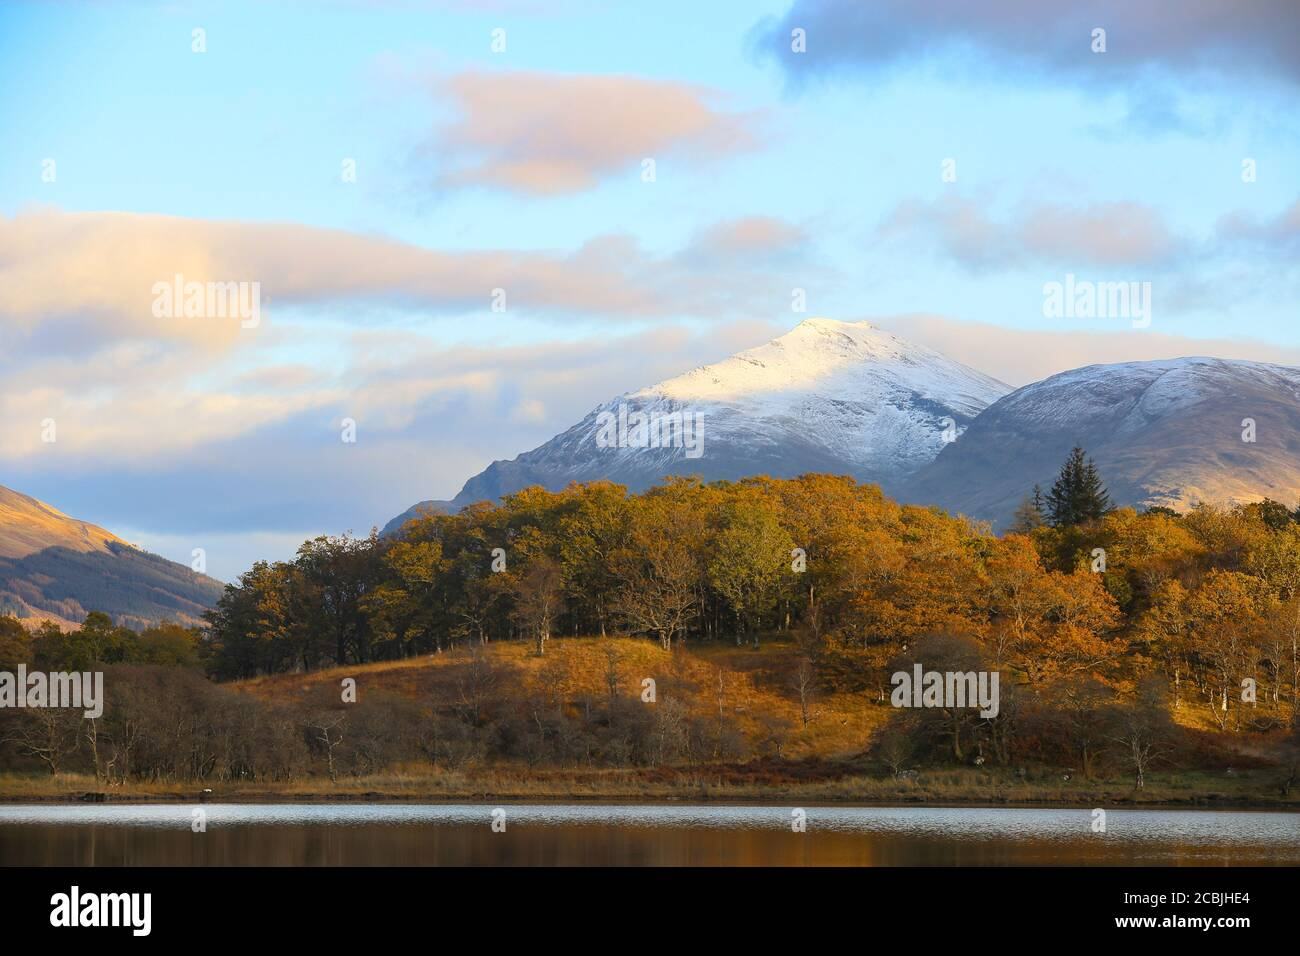 Le Montagne Scozzesi mostrano la loro bellezza nella natura selvaggia. Foto Stock